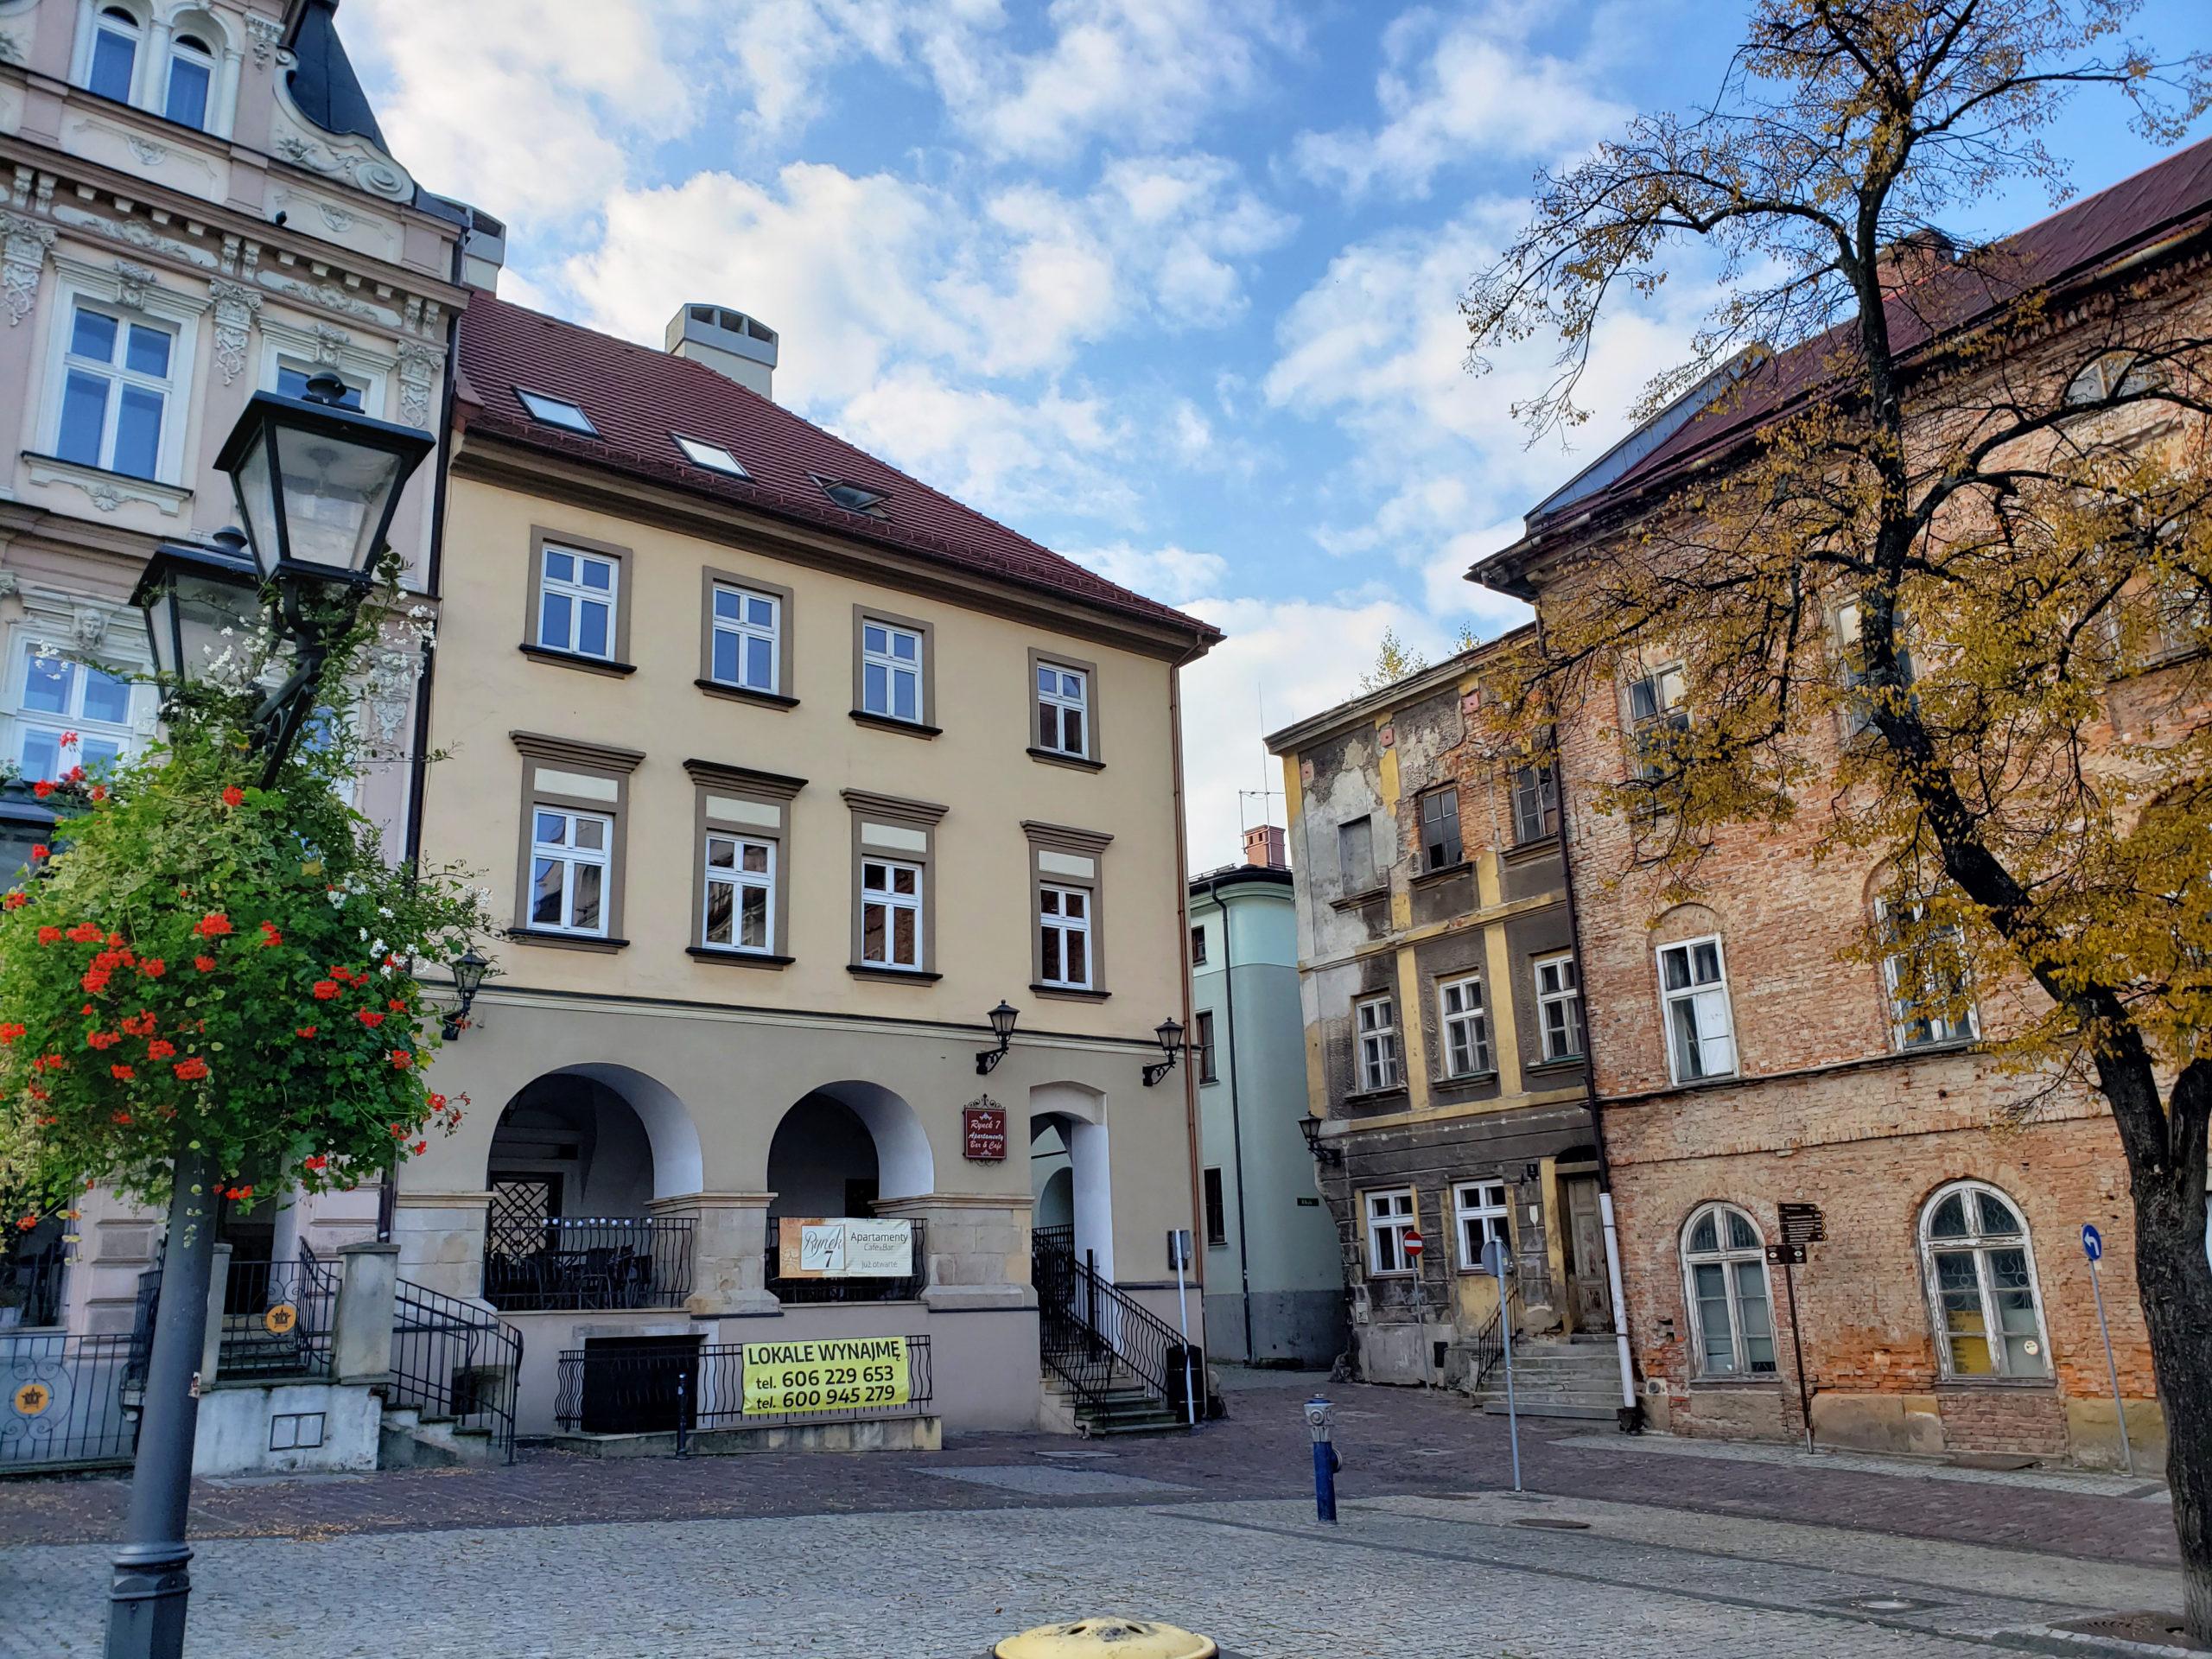 One Day In Bielsko-Biała - A Unique City Off The Beaten PathOne Day In Bielsko-Biała - A Unique City Off The Beaten Path